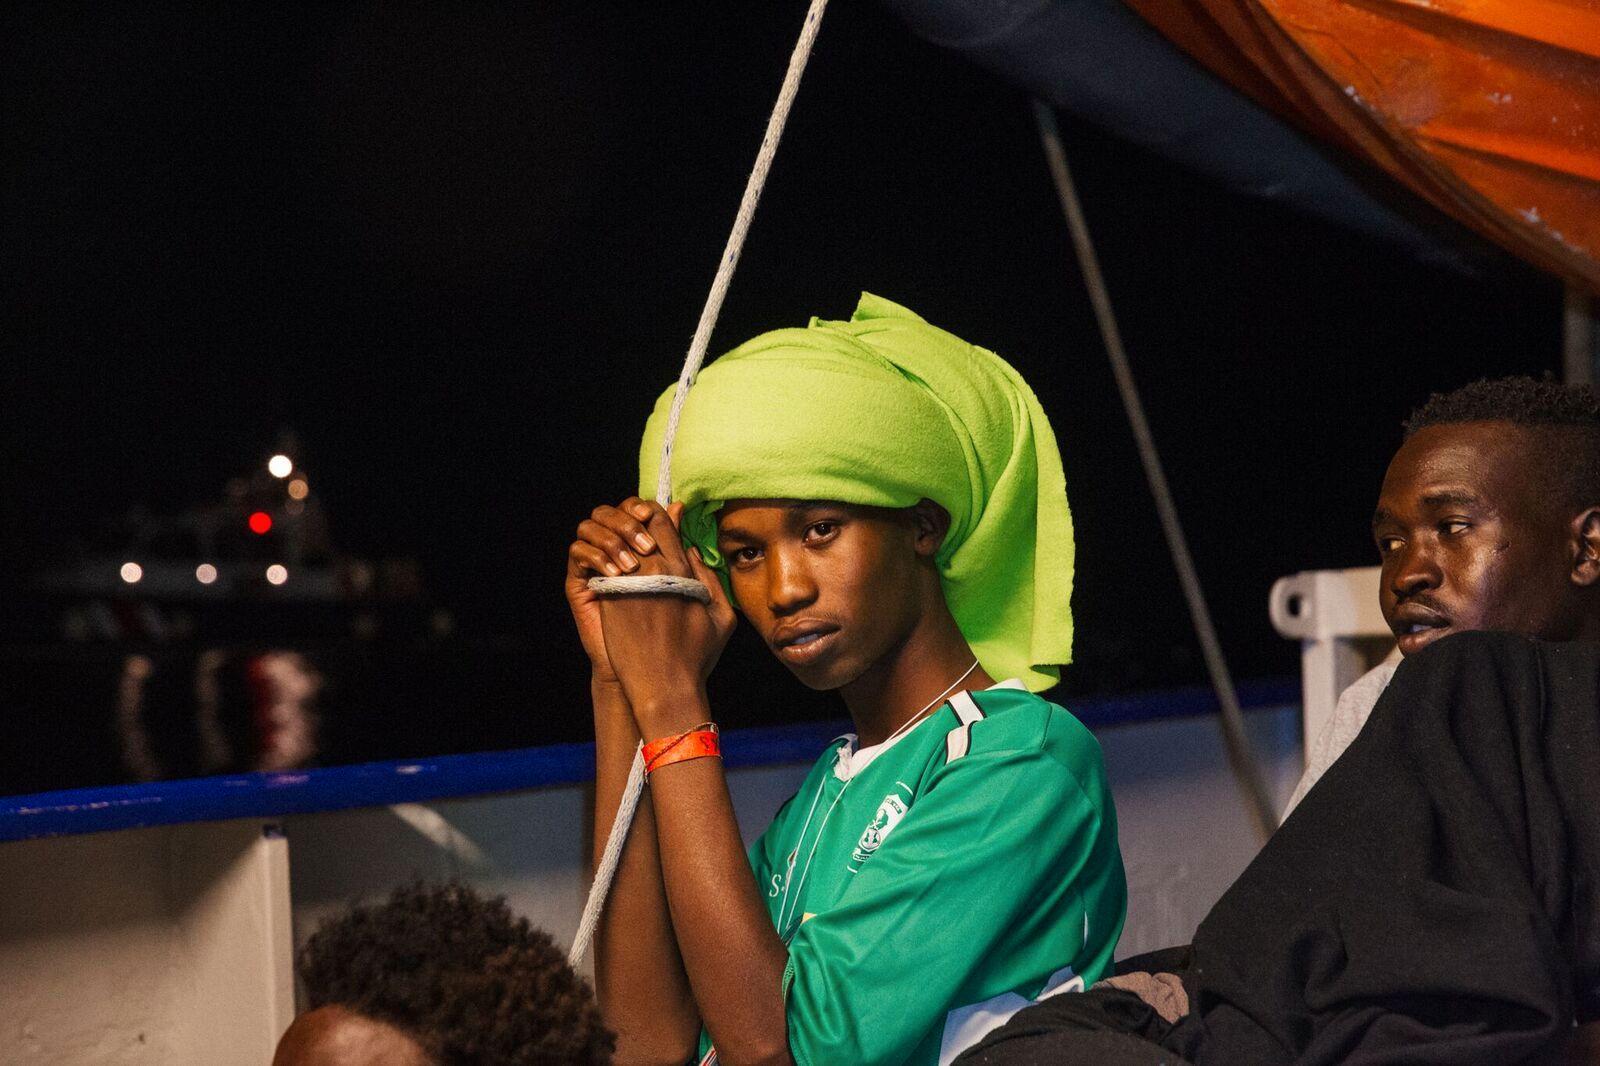 VENTER: Til EU har kommet frem til en avgjørelse, kan migrantene på båten ikke gjøre annet enn å vente.